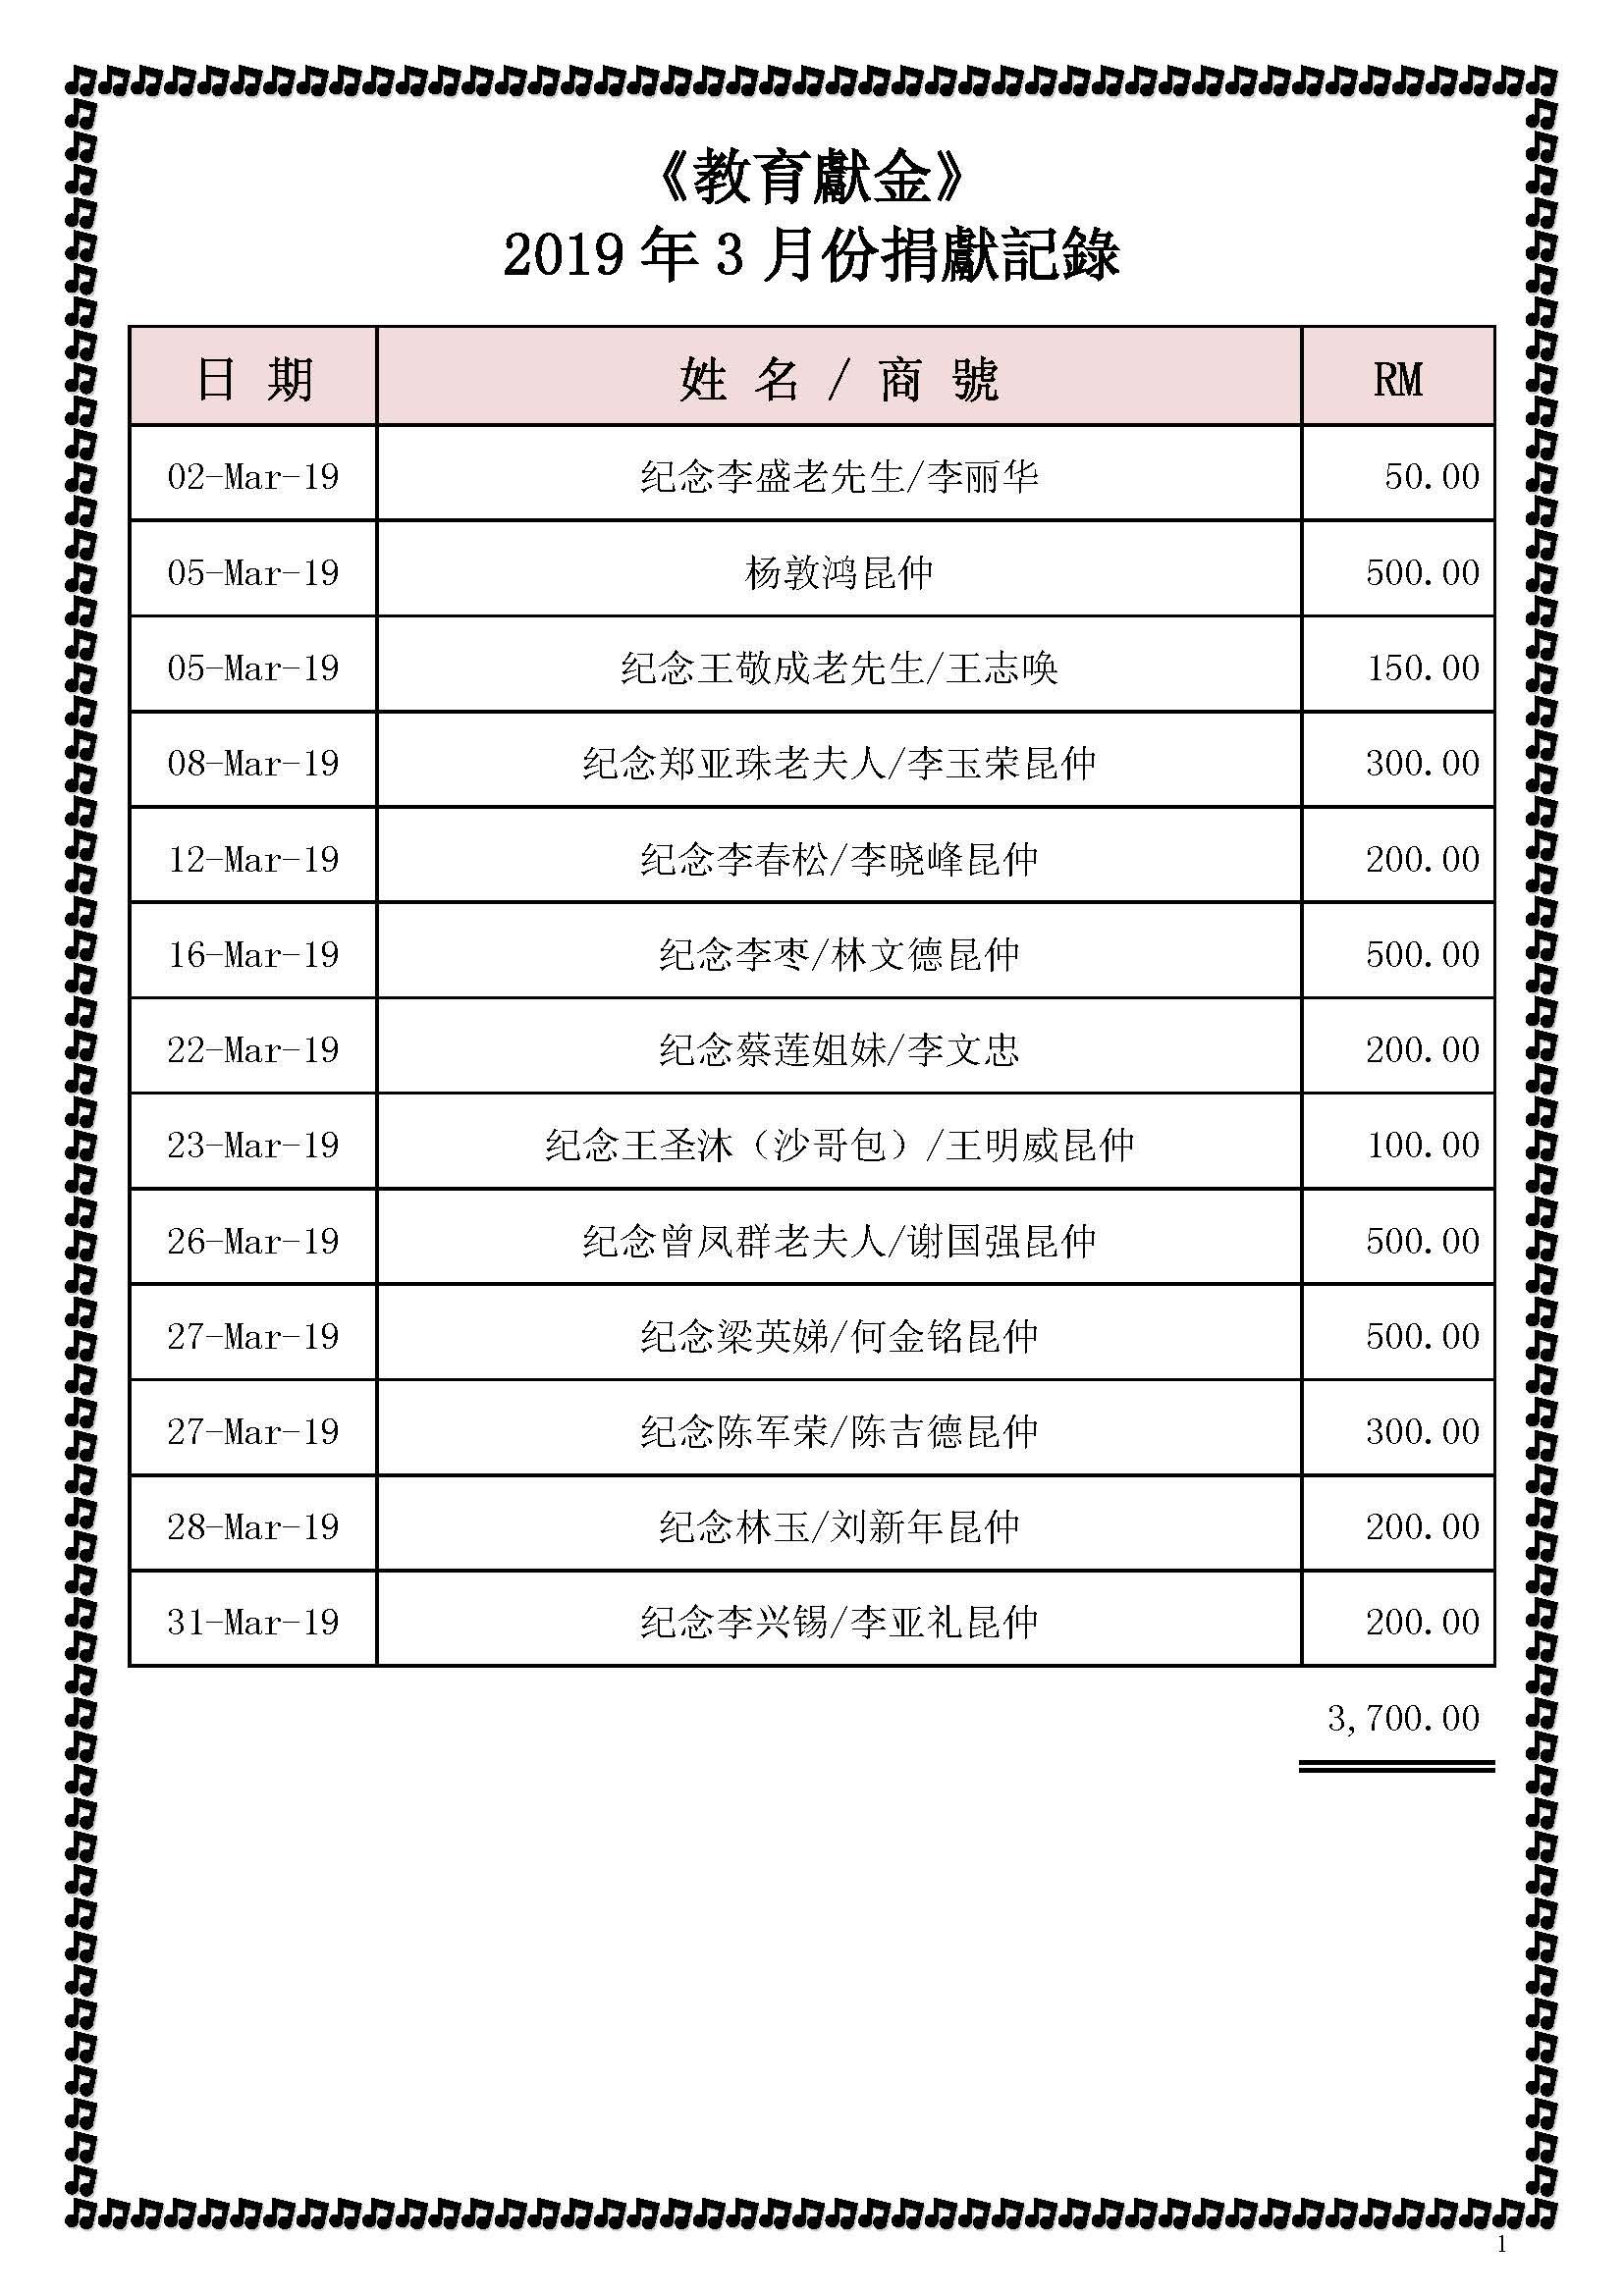 2019年3月份捐獻記錄_修改后_Page_1